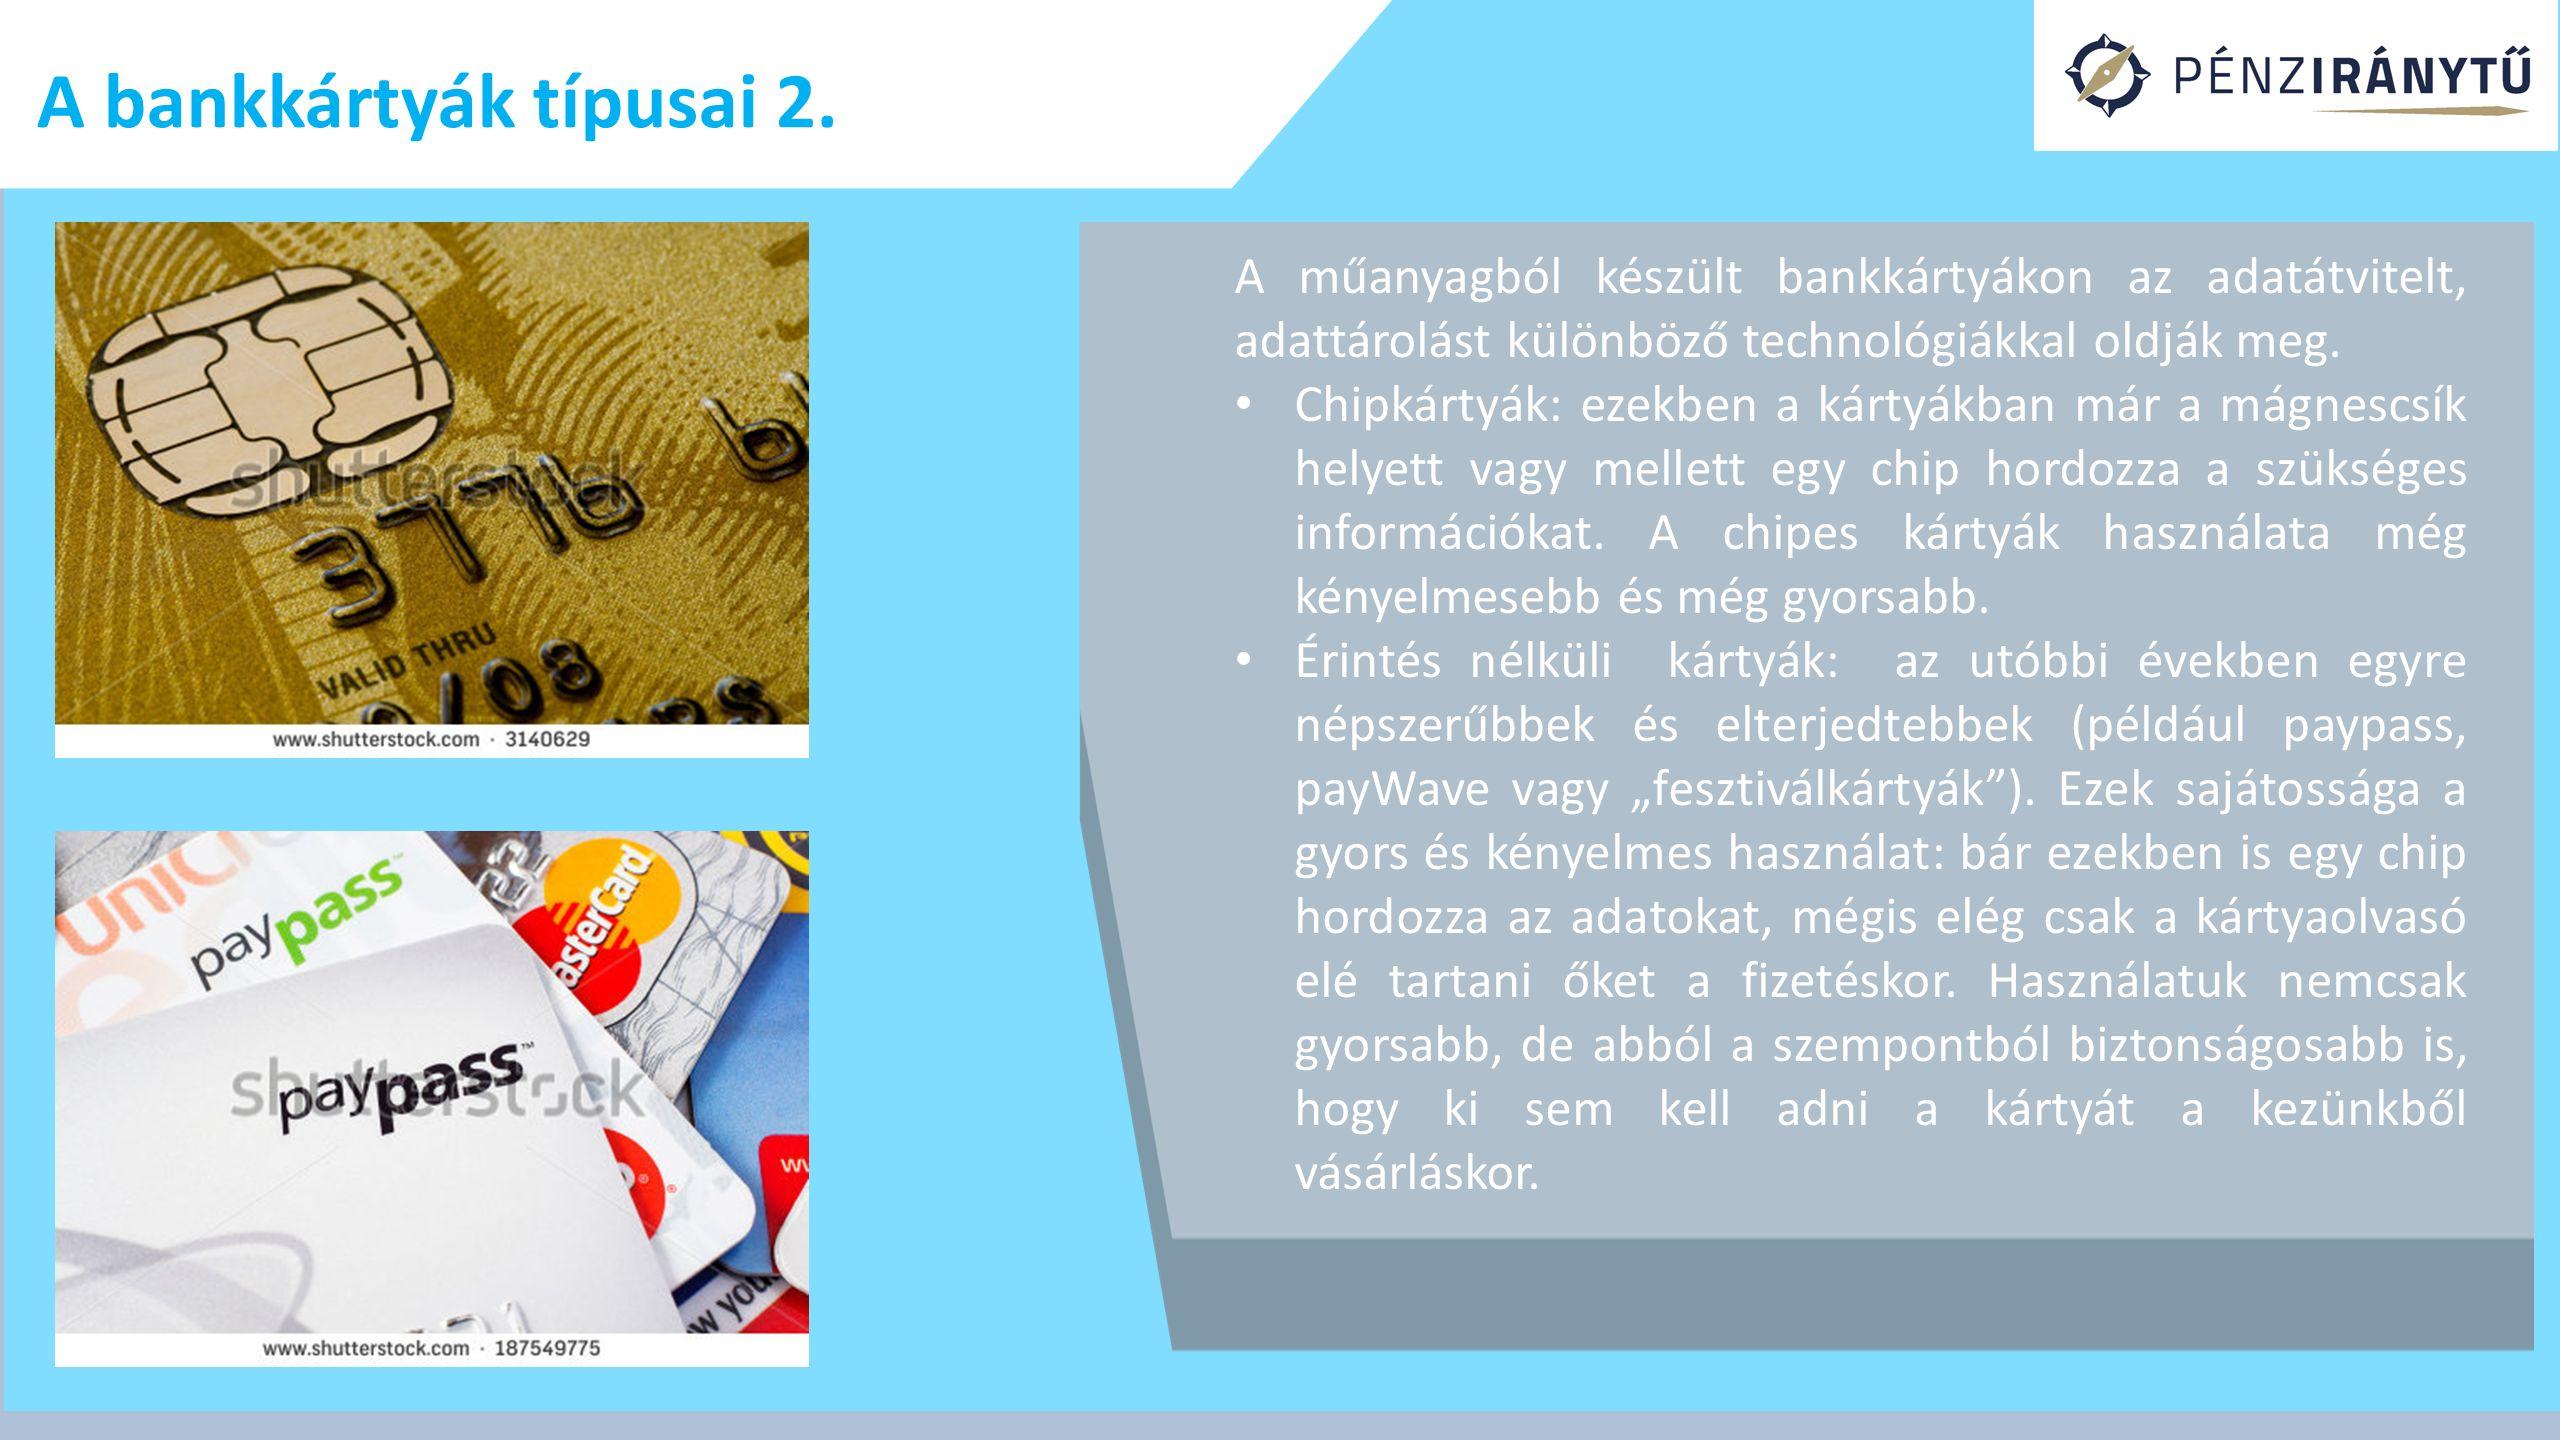 A bankkártyák típusai 2. A műanyagból készült bankkártyákon az adatátvitelt, adattárolást különböző technológiákkal oldják meg.